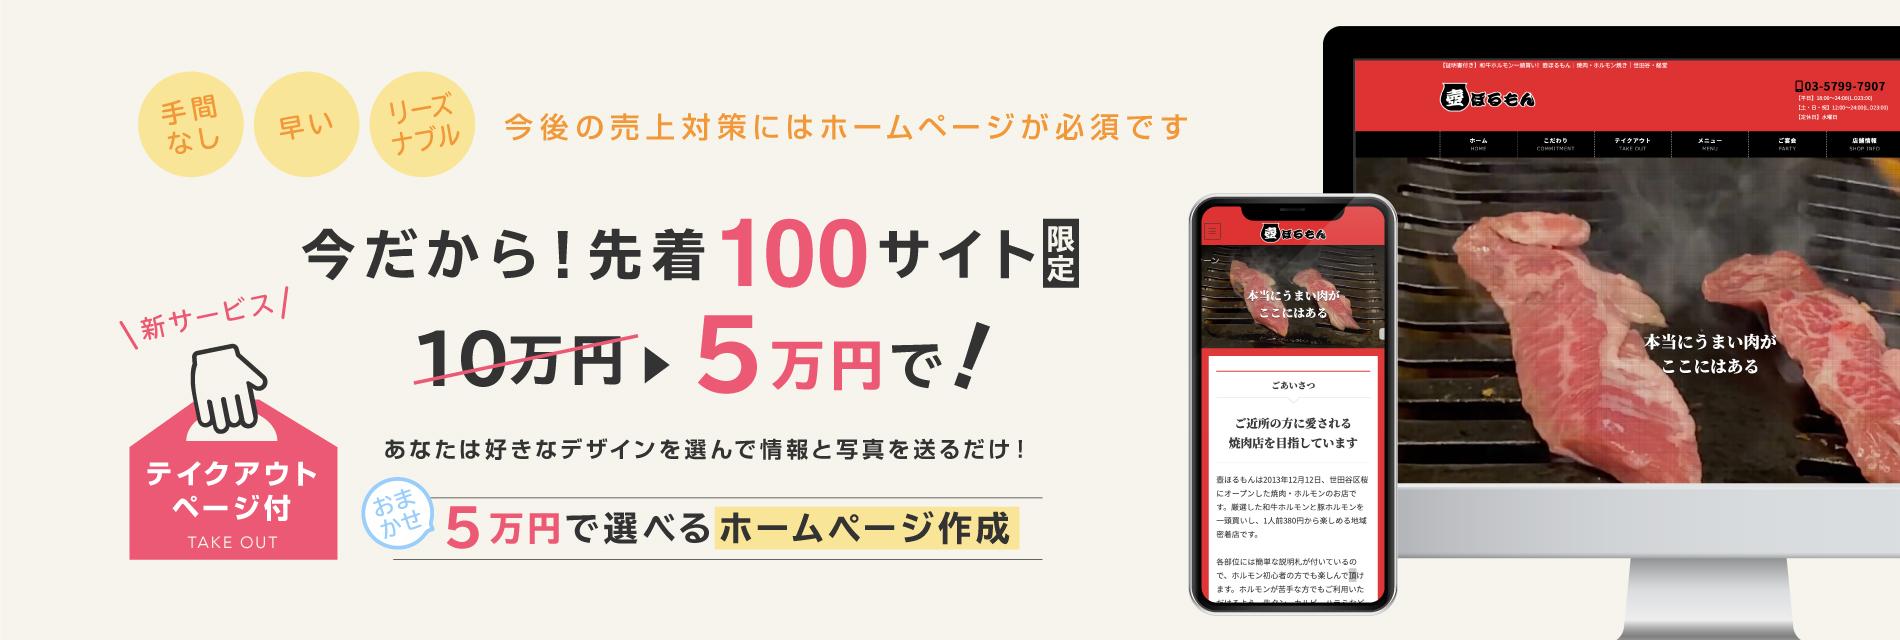 おまかせ!5万円で選べるホームページ作成